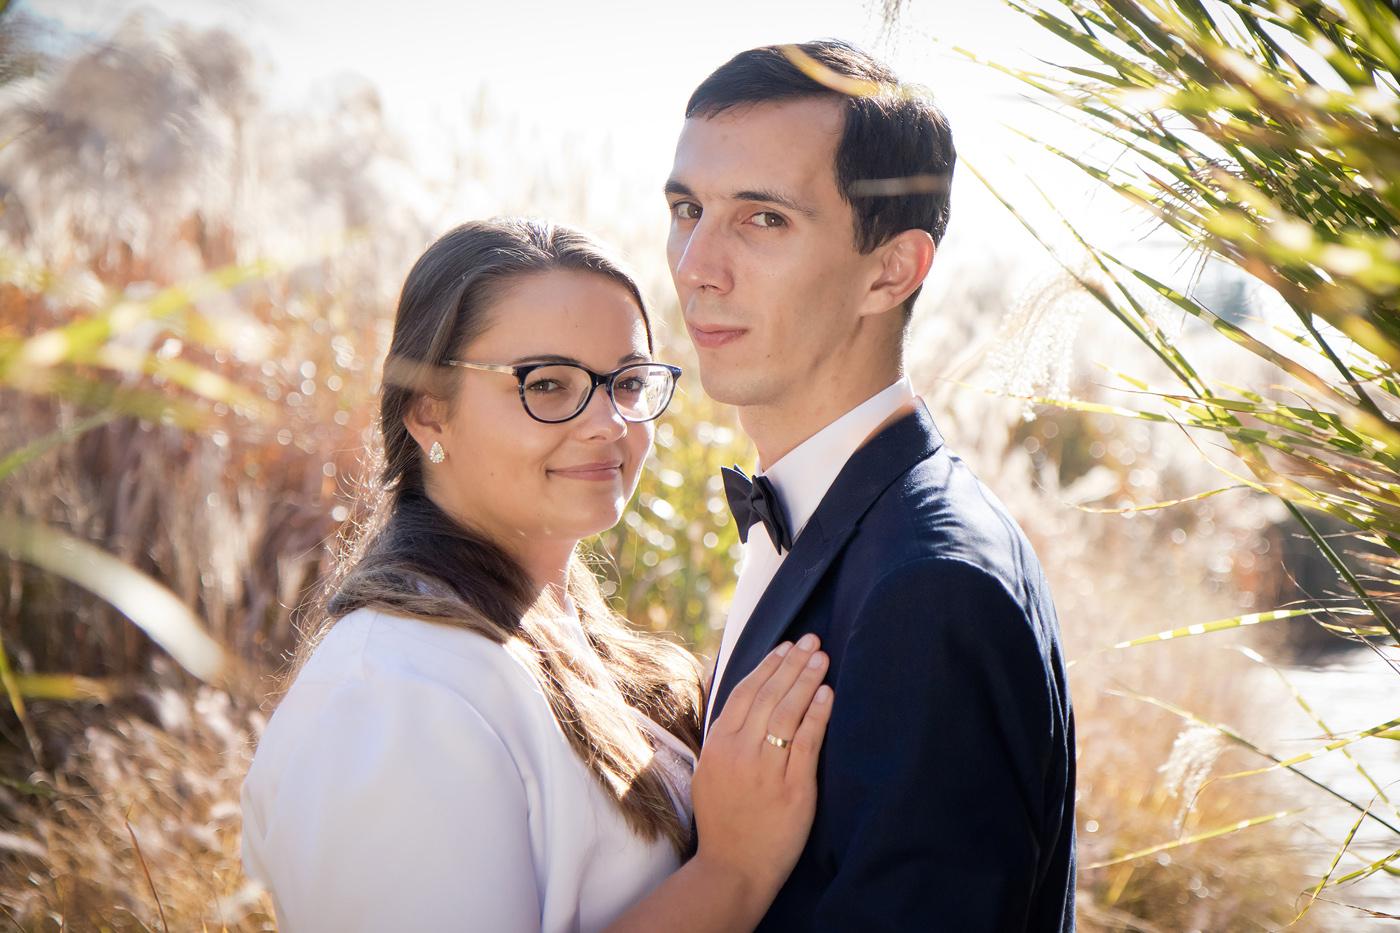 Kasia i Tomek - jesienny plener w Ogrodach Kapias 5